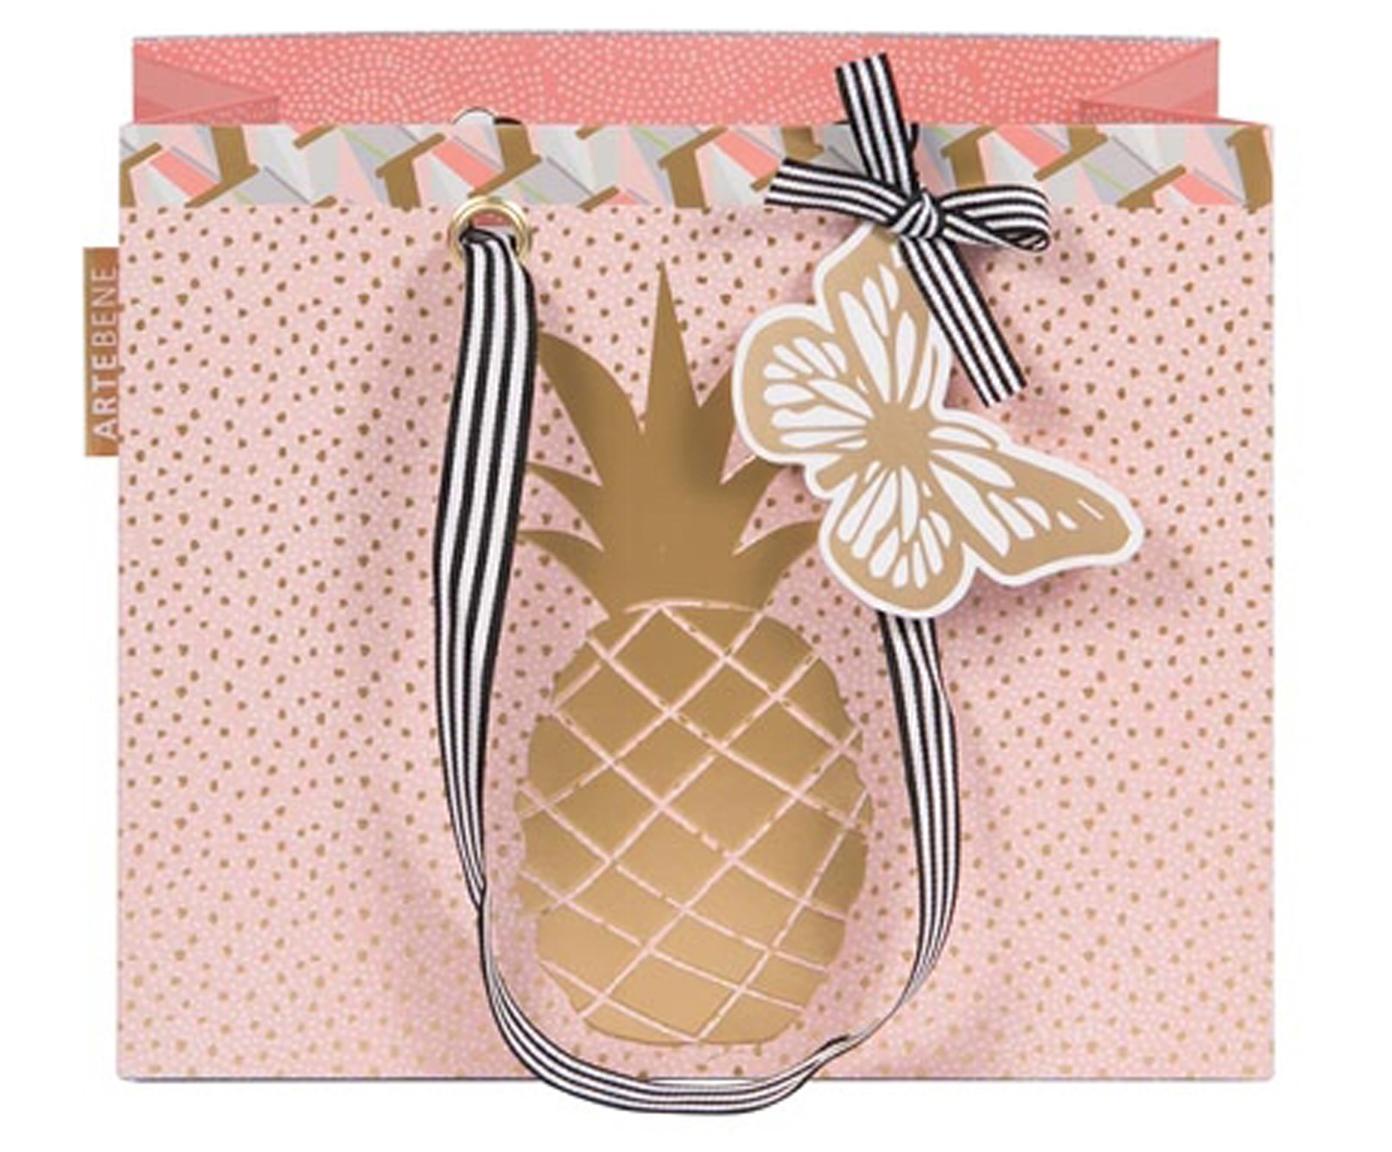 Torba na prezent Pineapple, Blady różowy, odcienie złotego, S 22 x W 18 cm